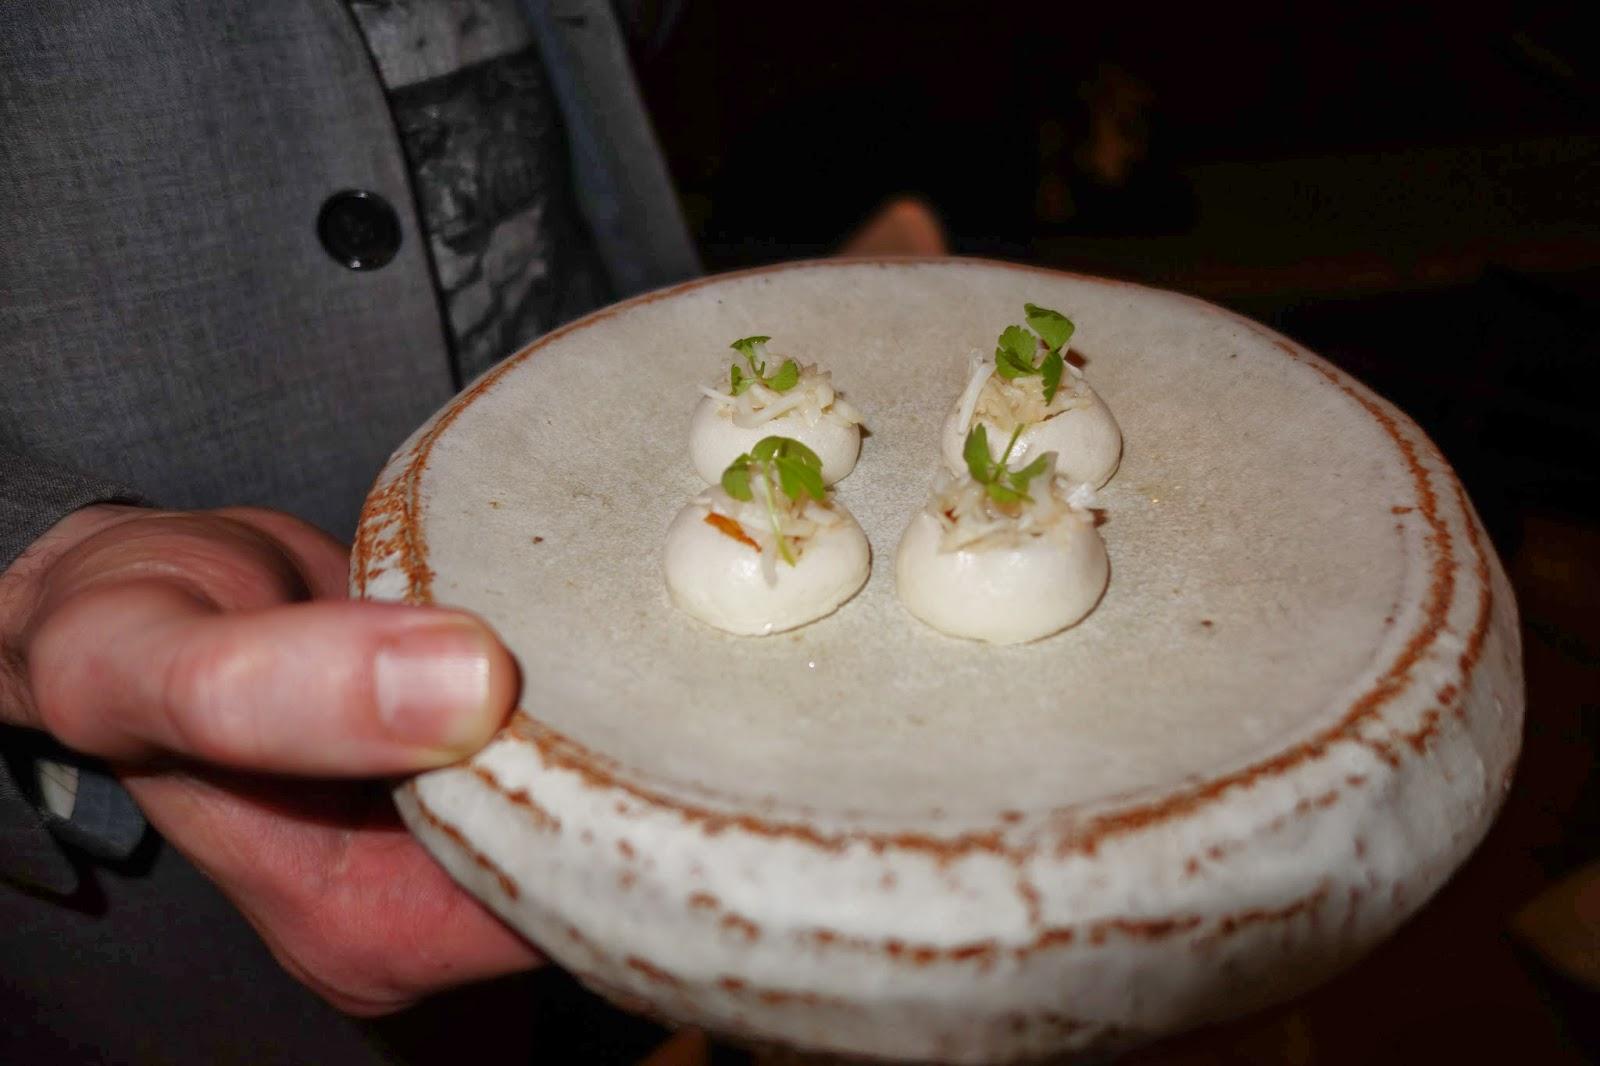 Trout meringues